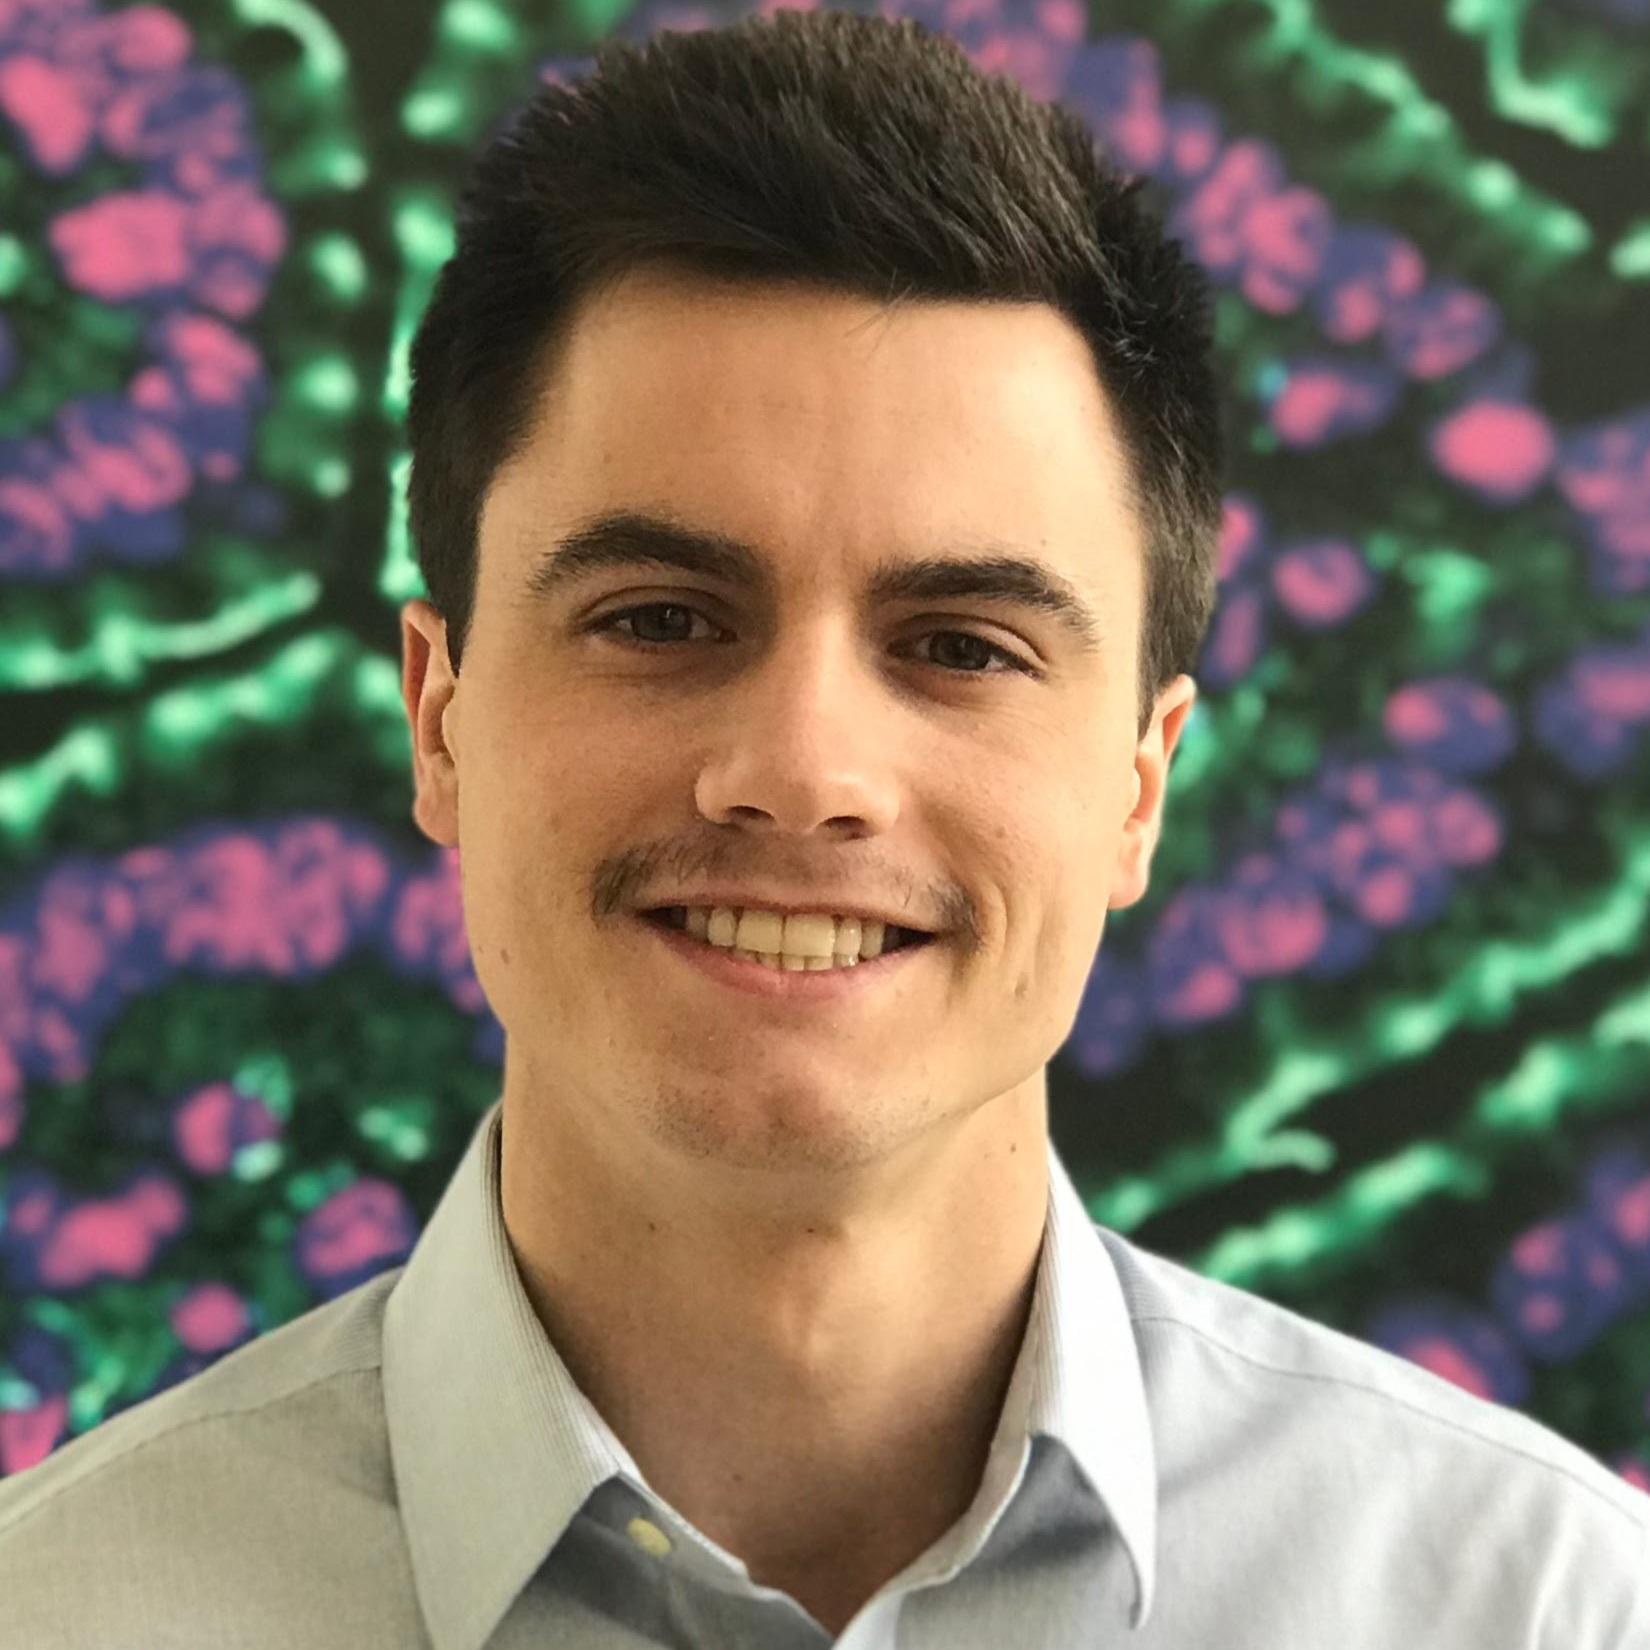 Brendan Mullan - Current Status: Medical School (Wayne State)